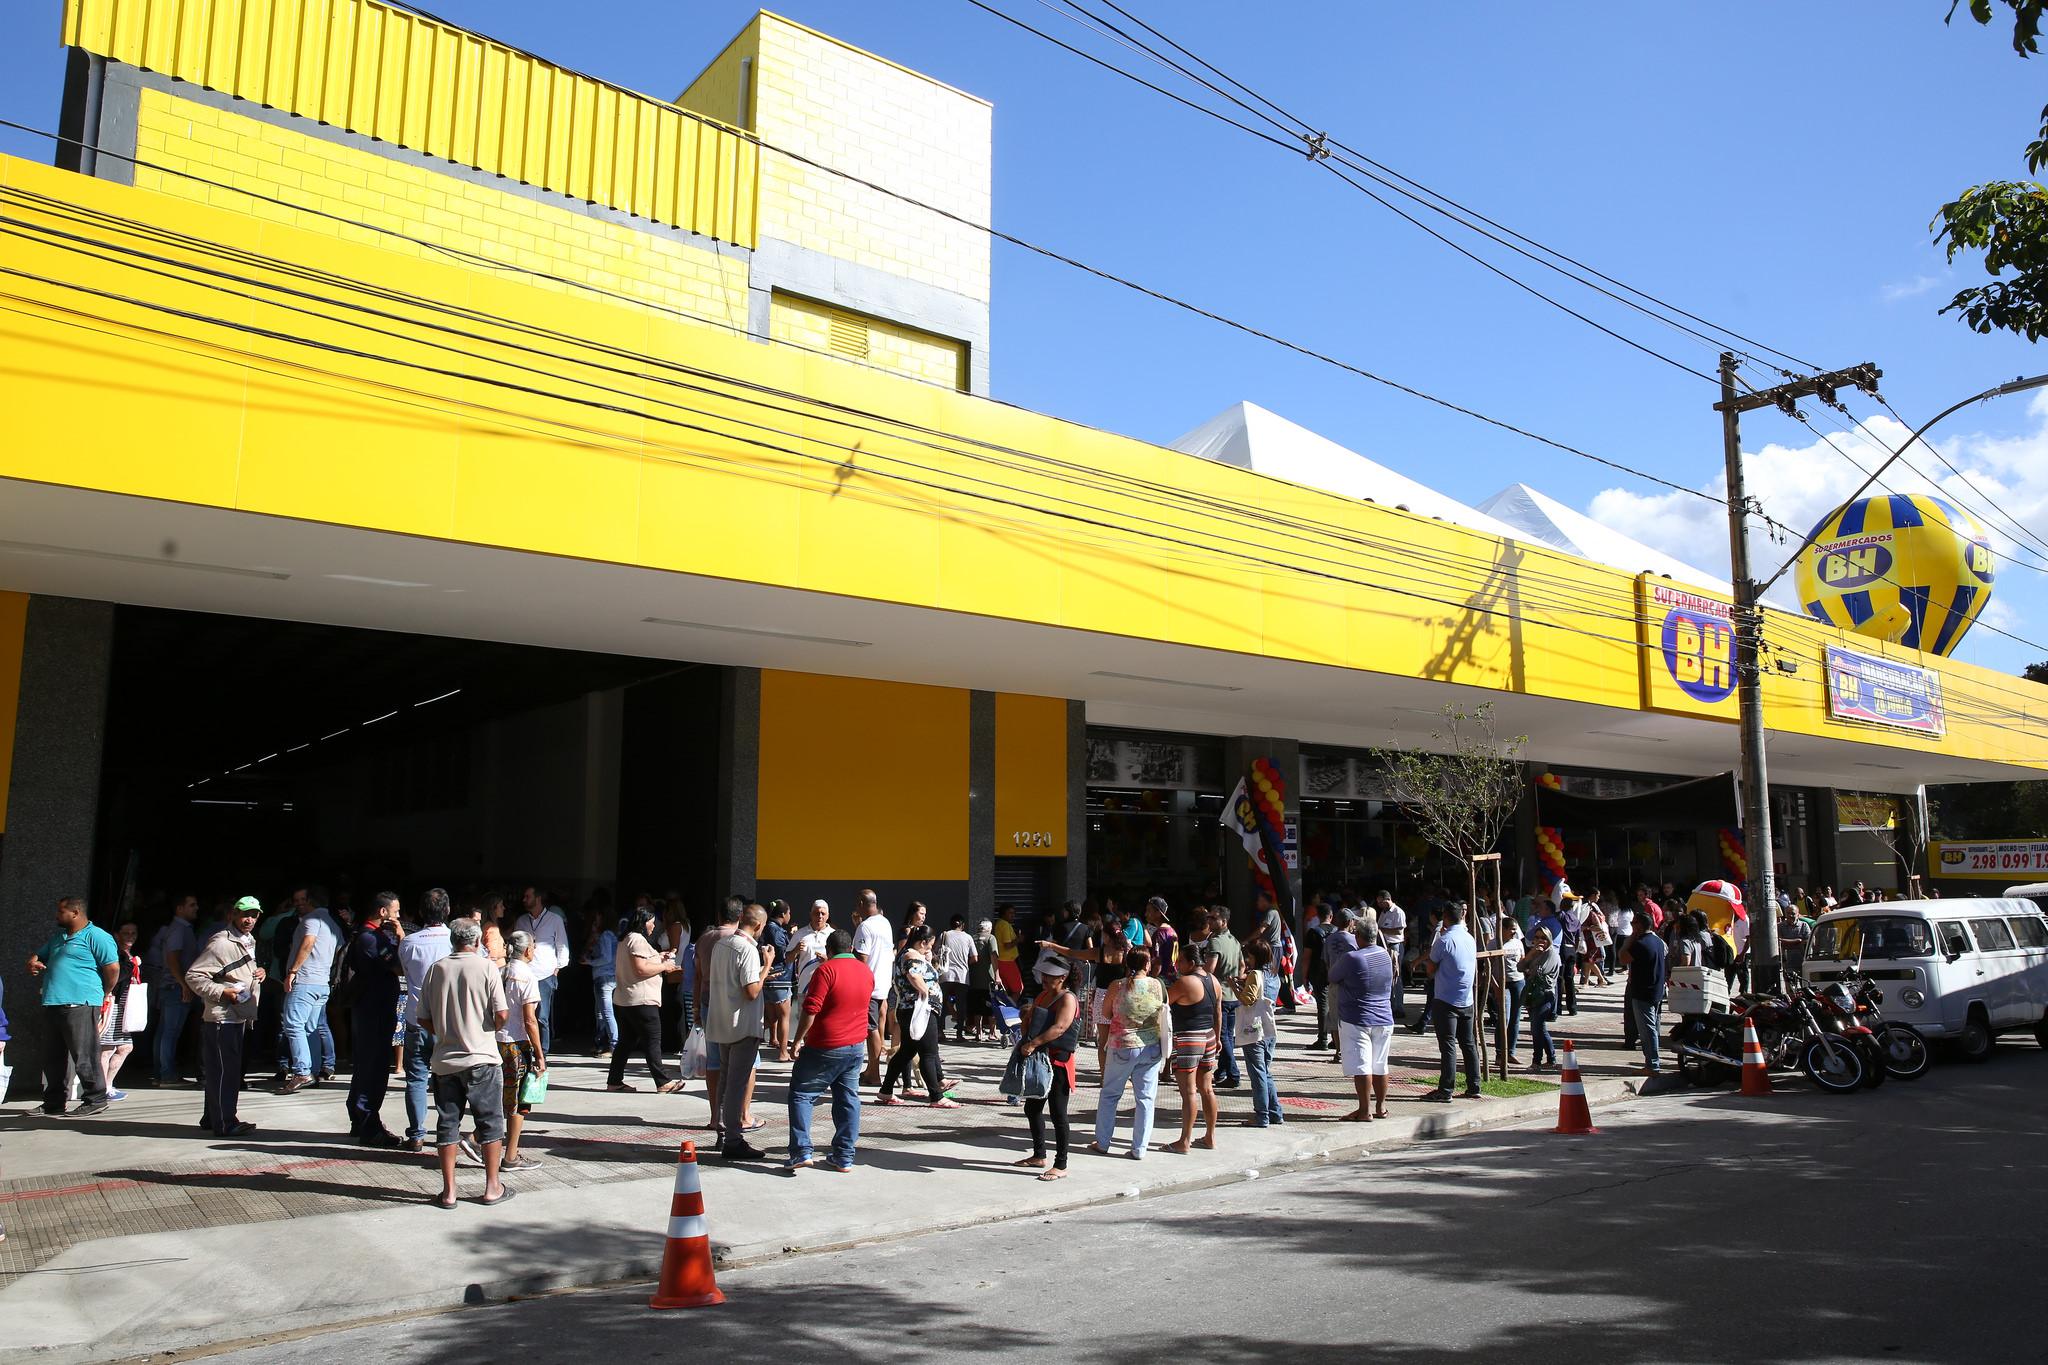 85735b36a SUPERMERCADOS BH INAUGURA LOJA EM VALE DO JATOBÁ - BELO HORIZONTE ...